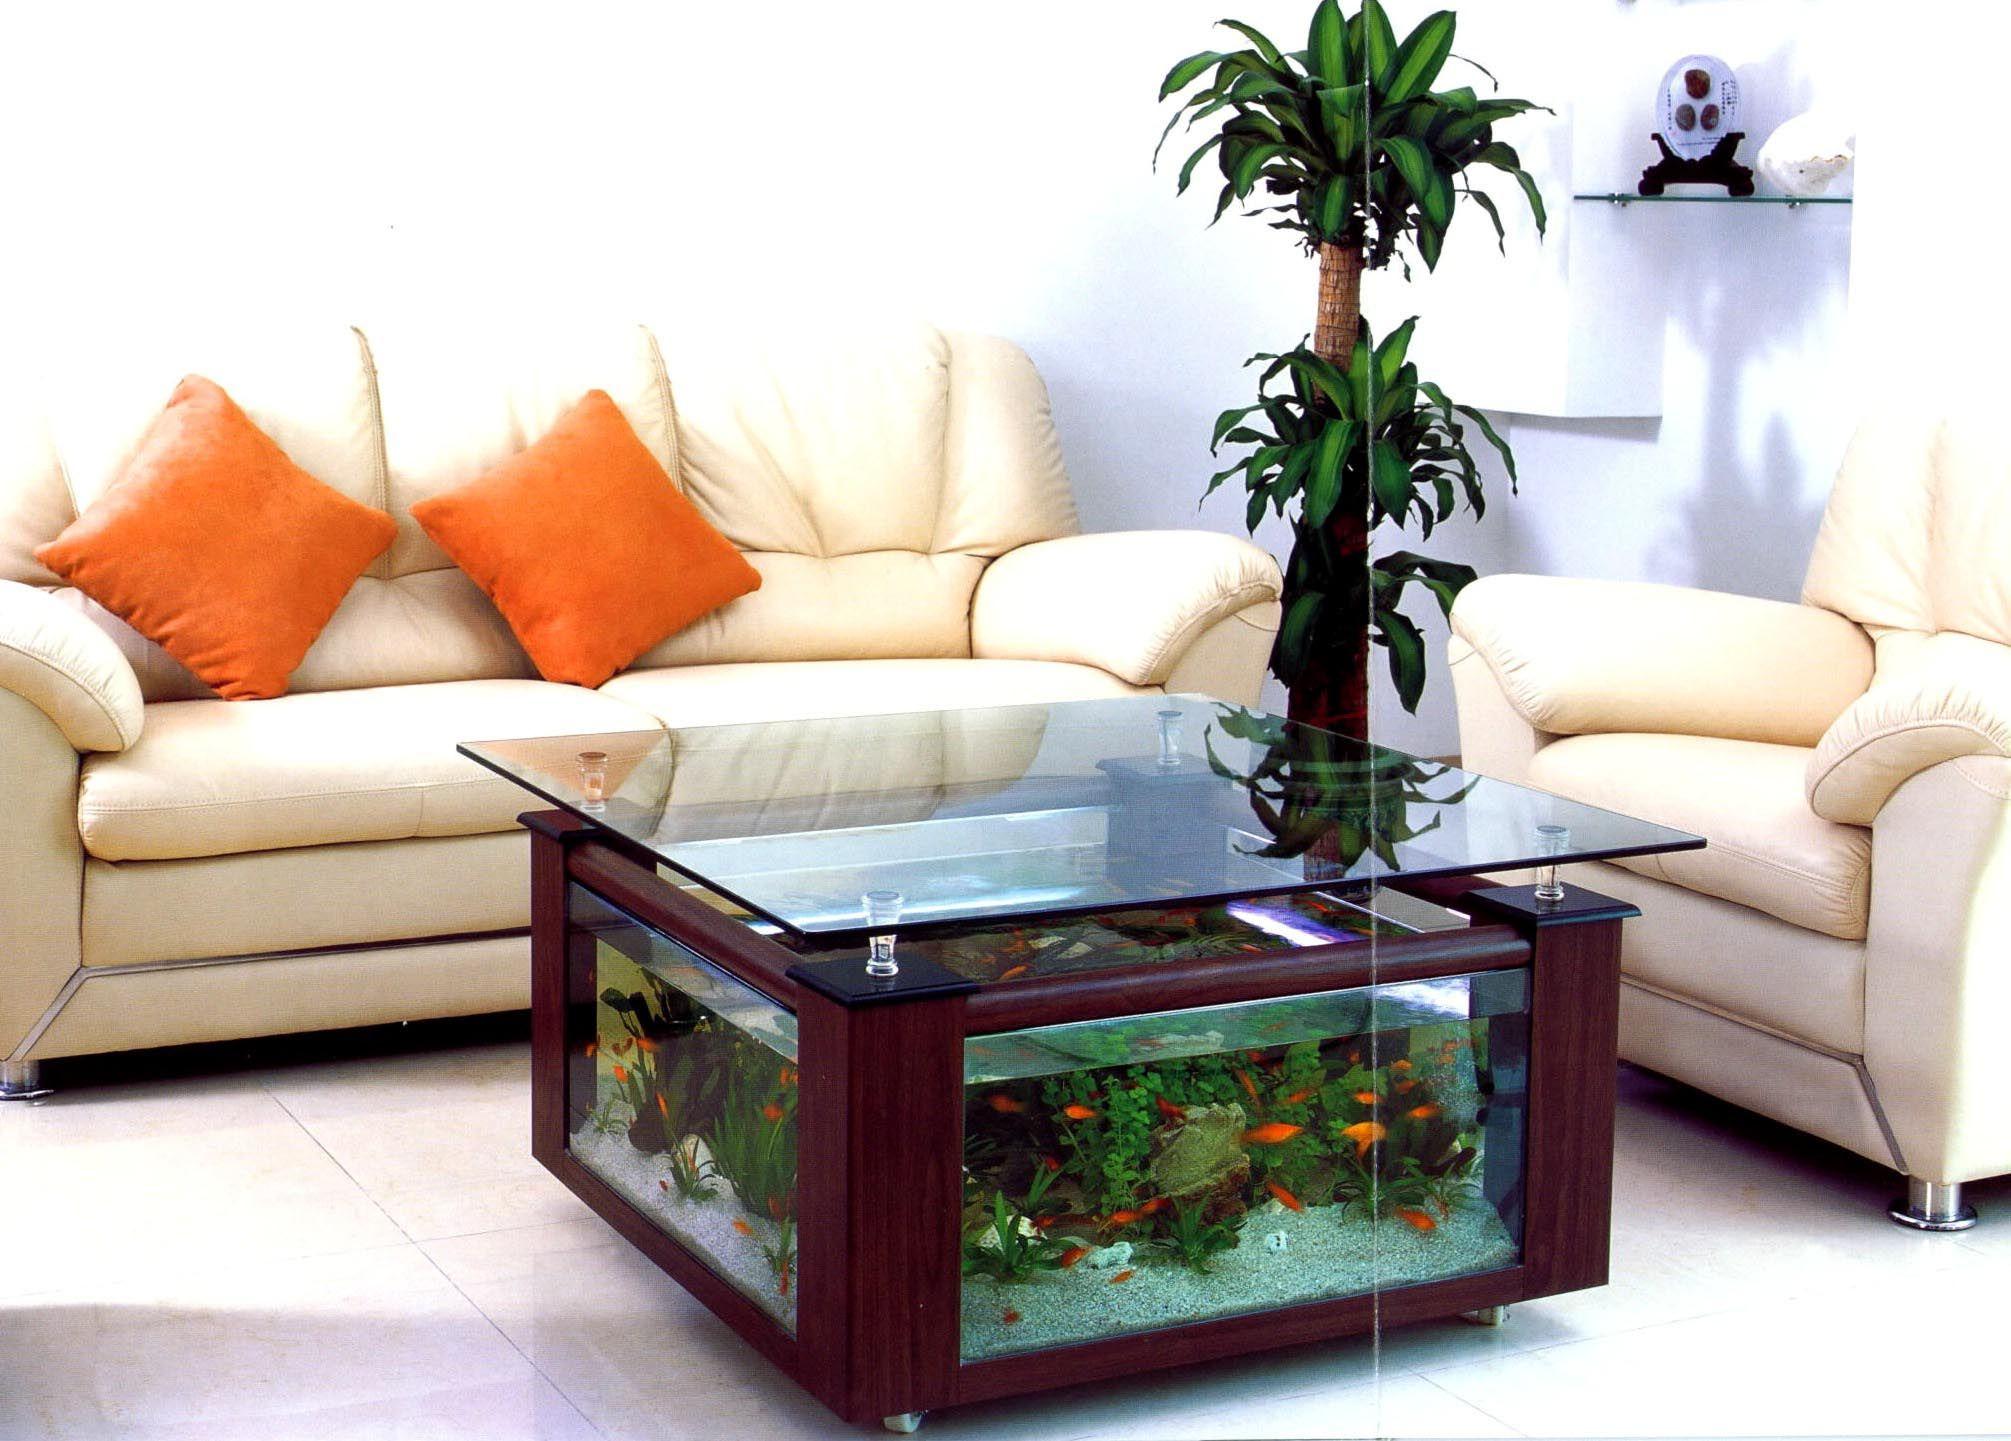 Hexagon Coffee Table Aquarium Aquarium Ideas